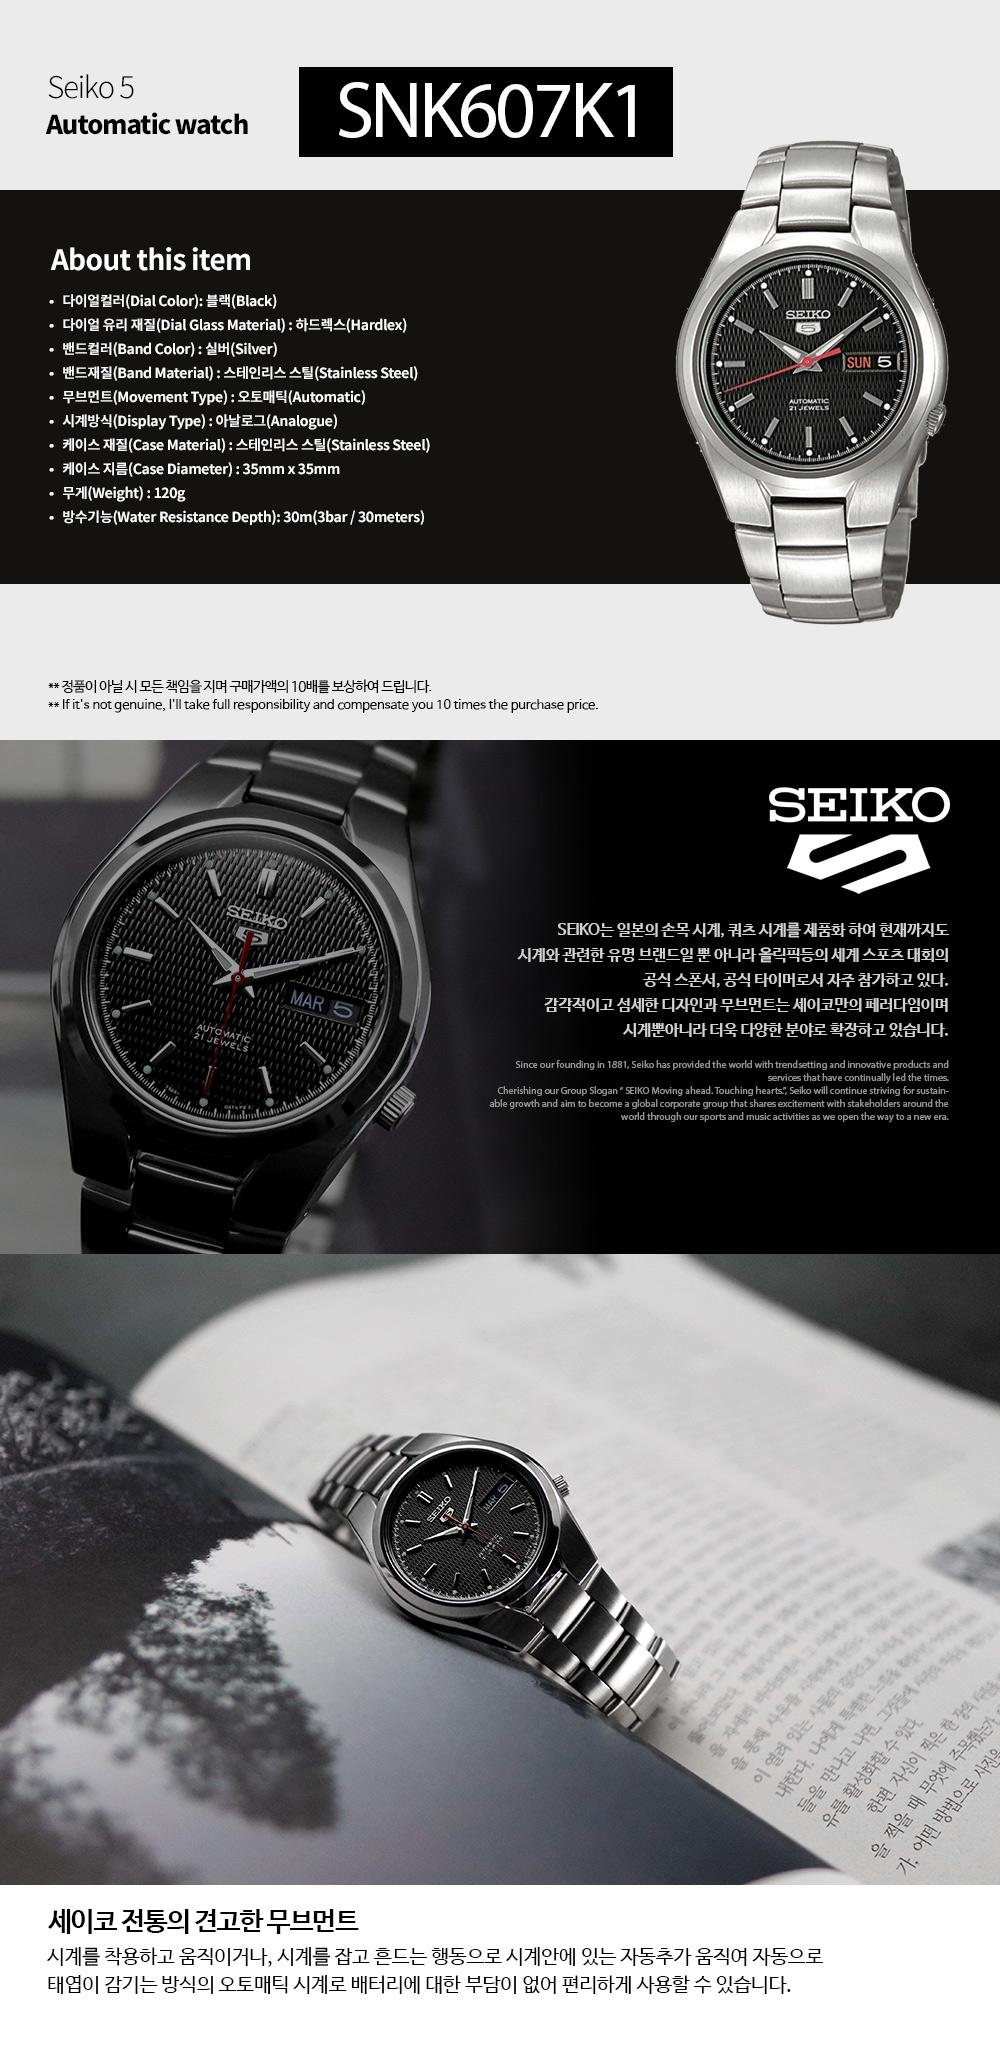 세이코(SEIKO) SNK607 / SNK607K1 남성 오토매틱 메탈 시계